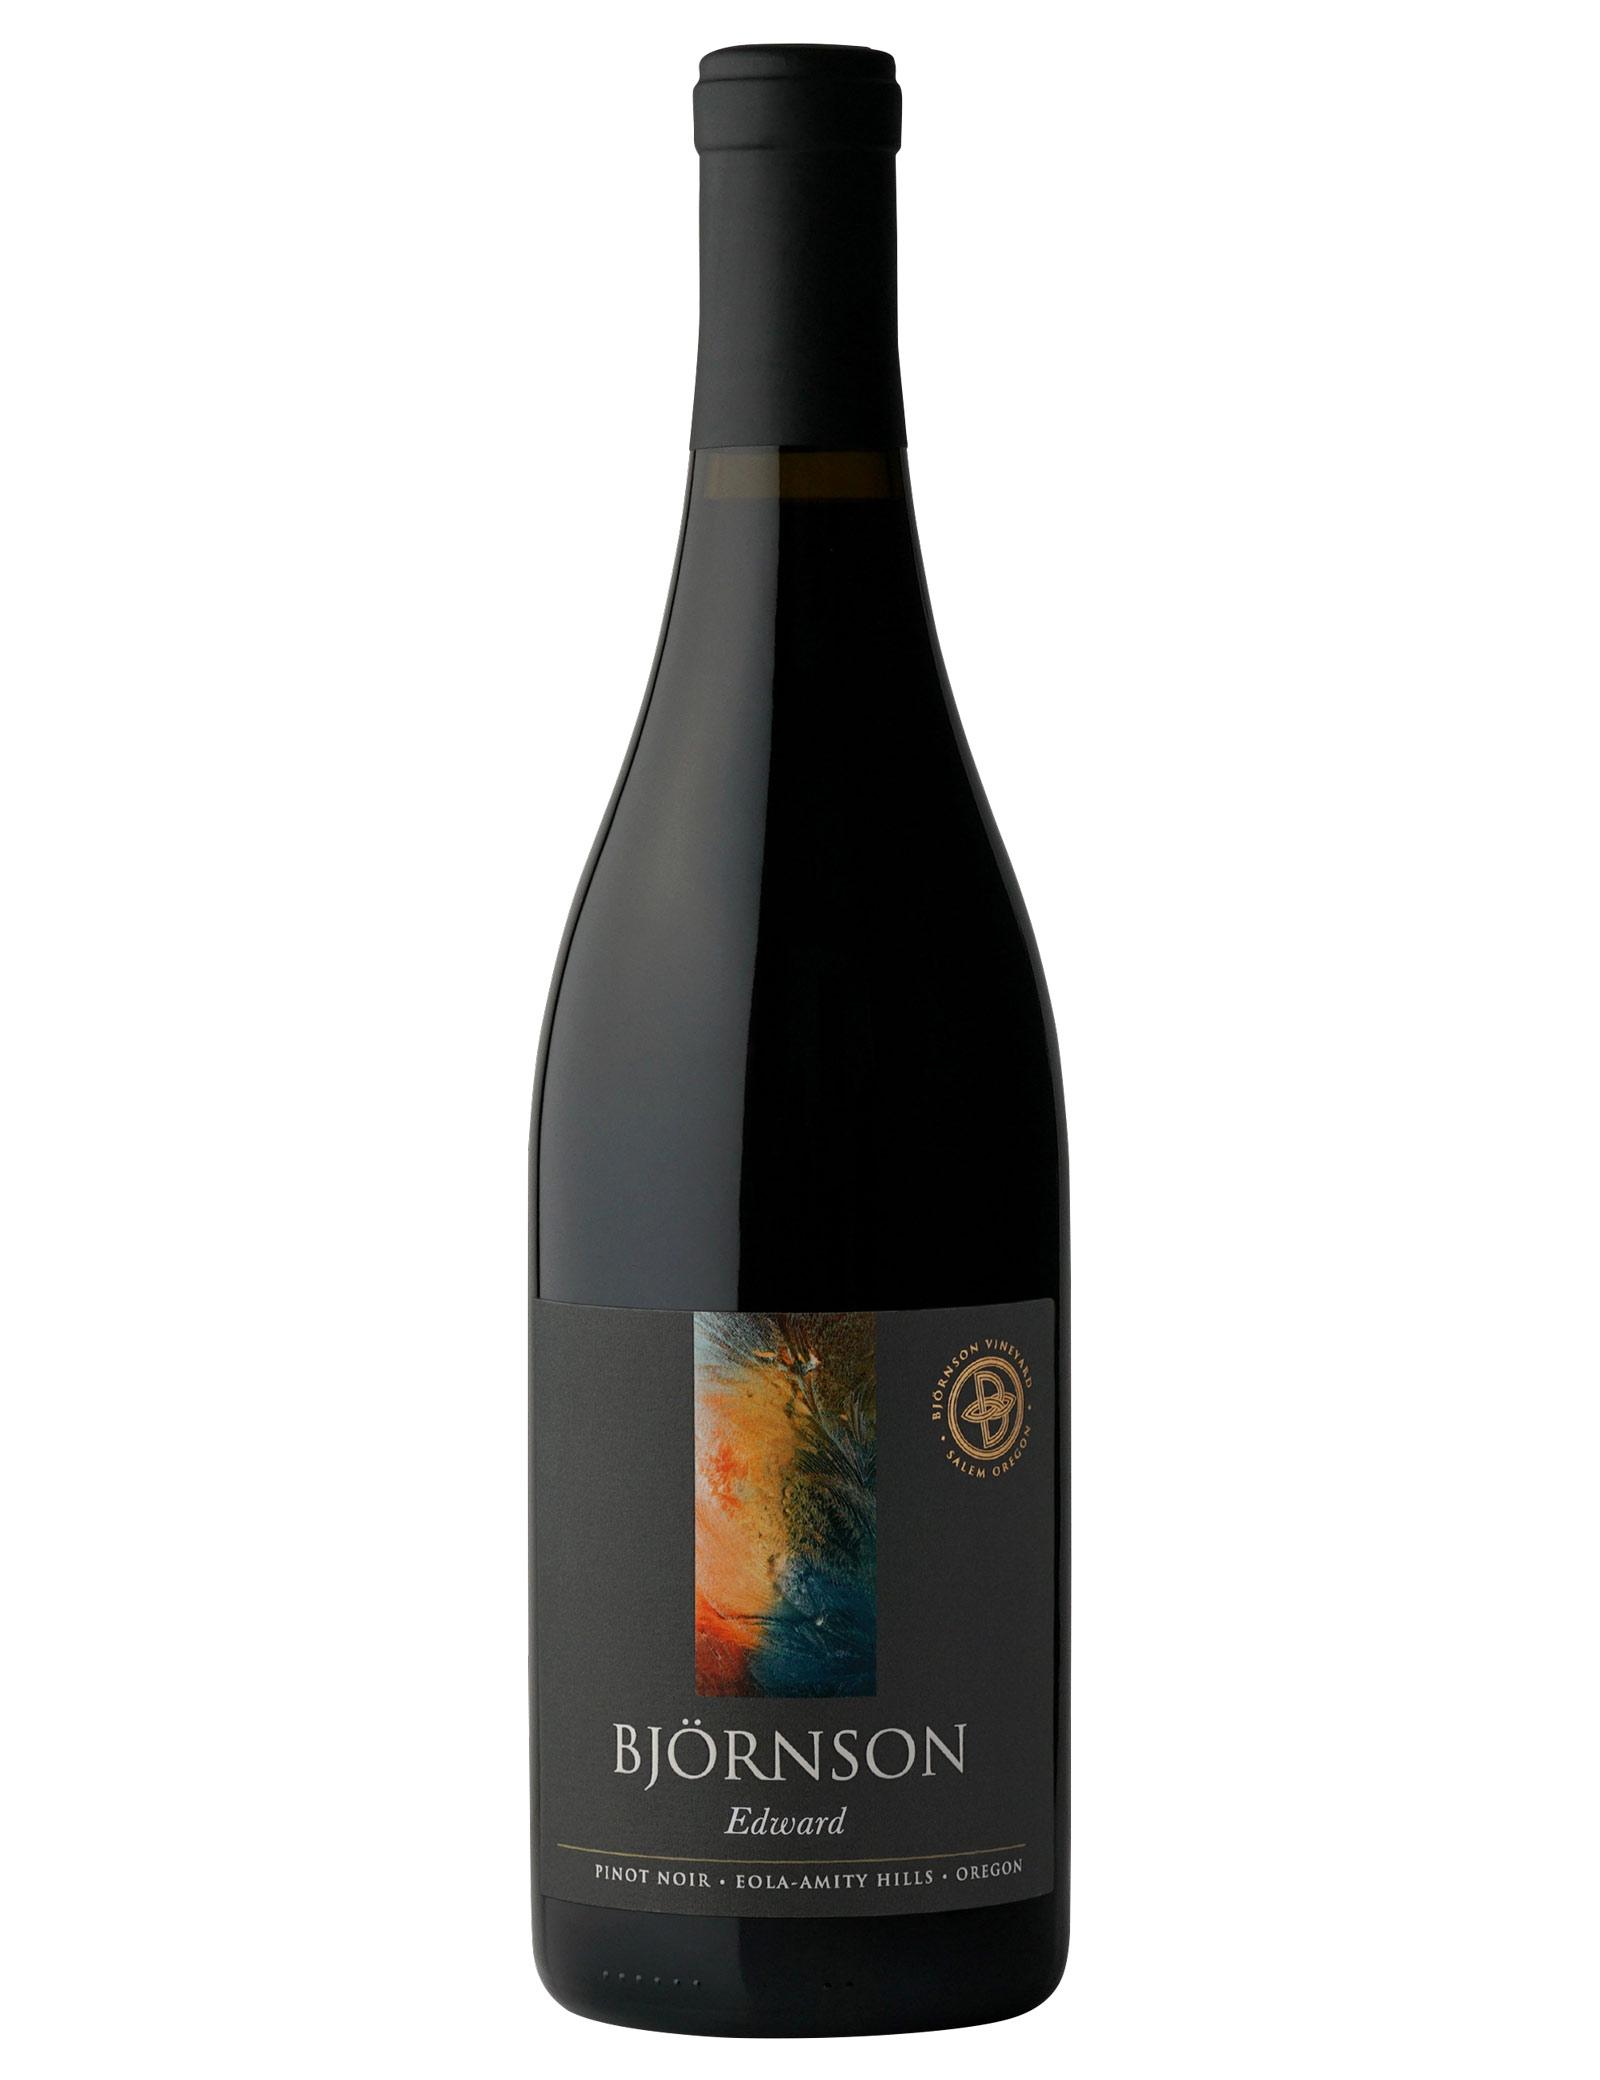 Bjornson Edward Pinot noir Eola-Amity Hills Oregon